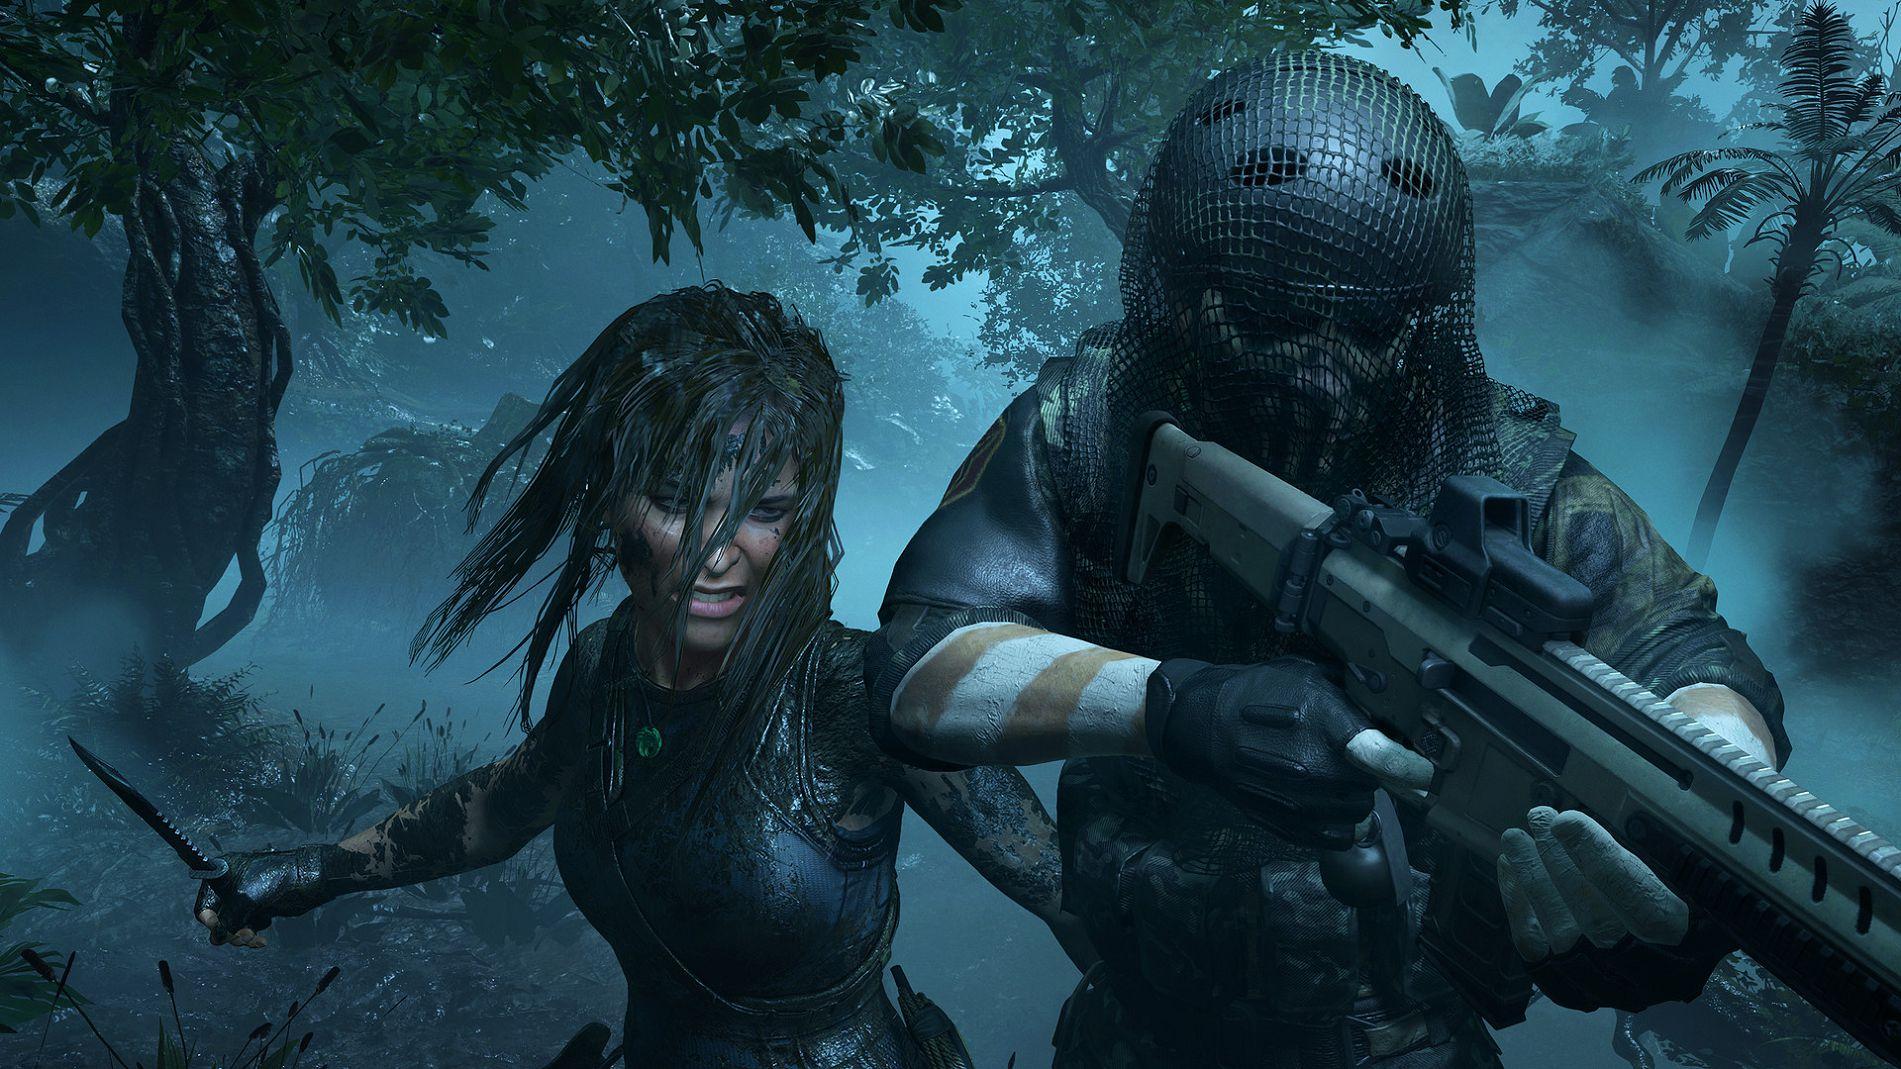 古墓丽影:暗影(Shadow of the Tomb Raider)免安装绿色中文版|DLC|升级档|网盘下载